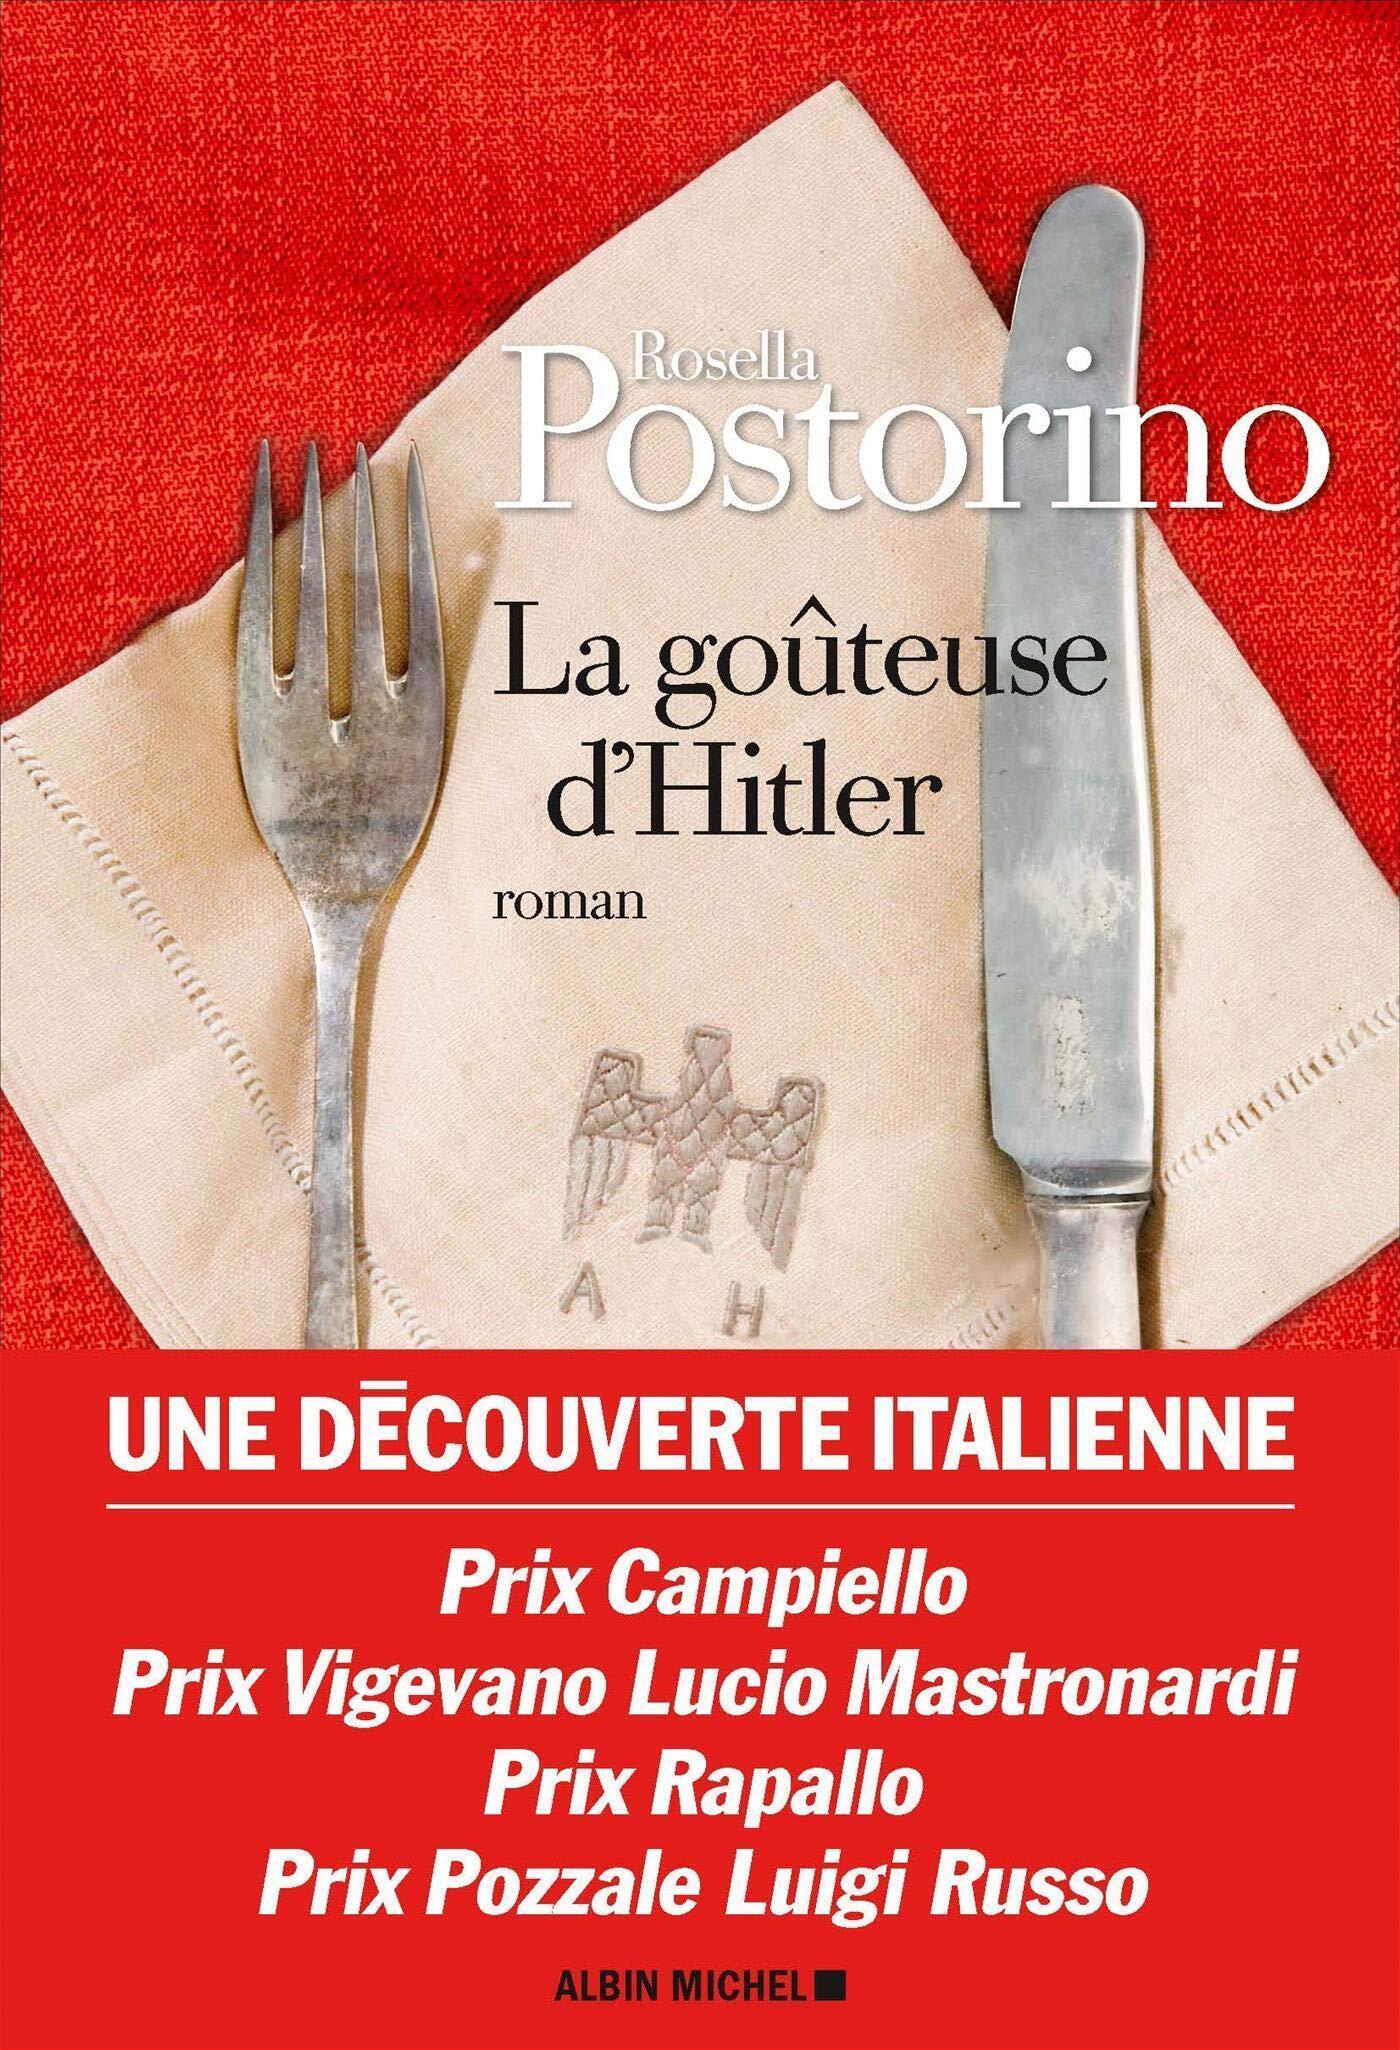 Couverture française du roman de Rosella Postorino